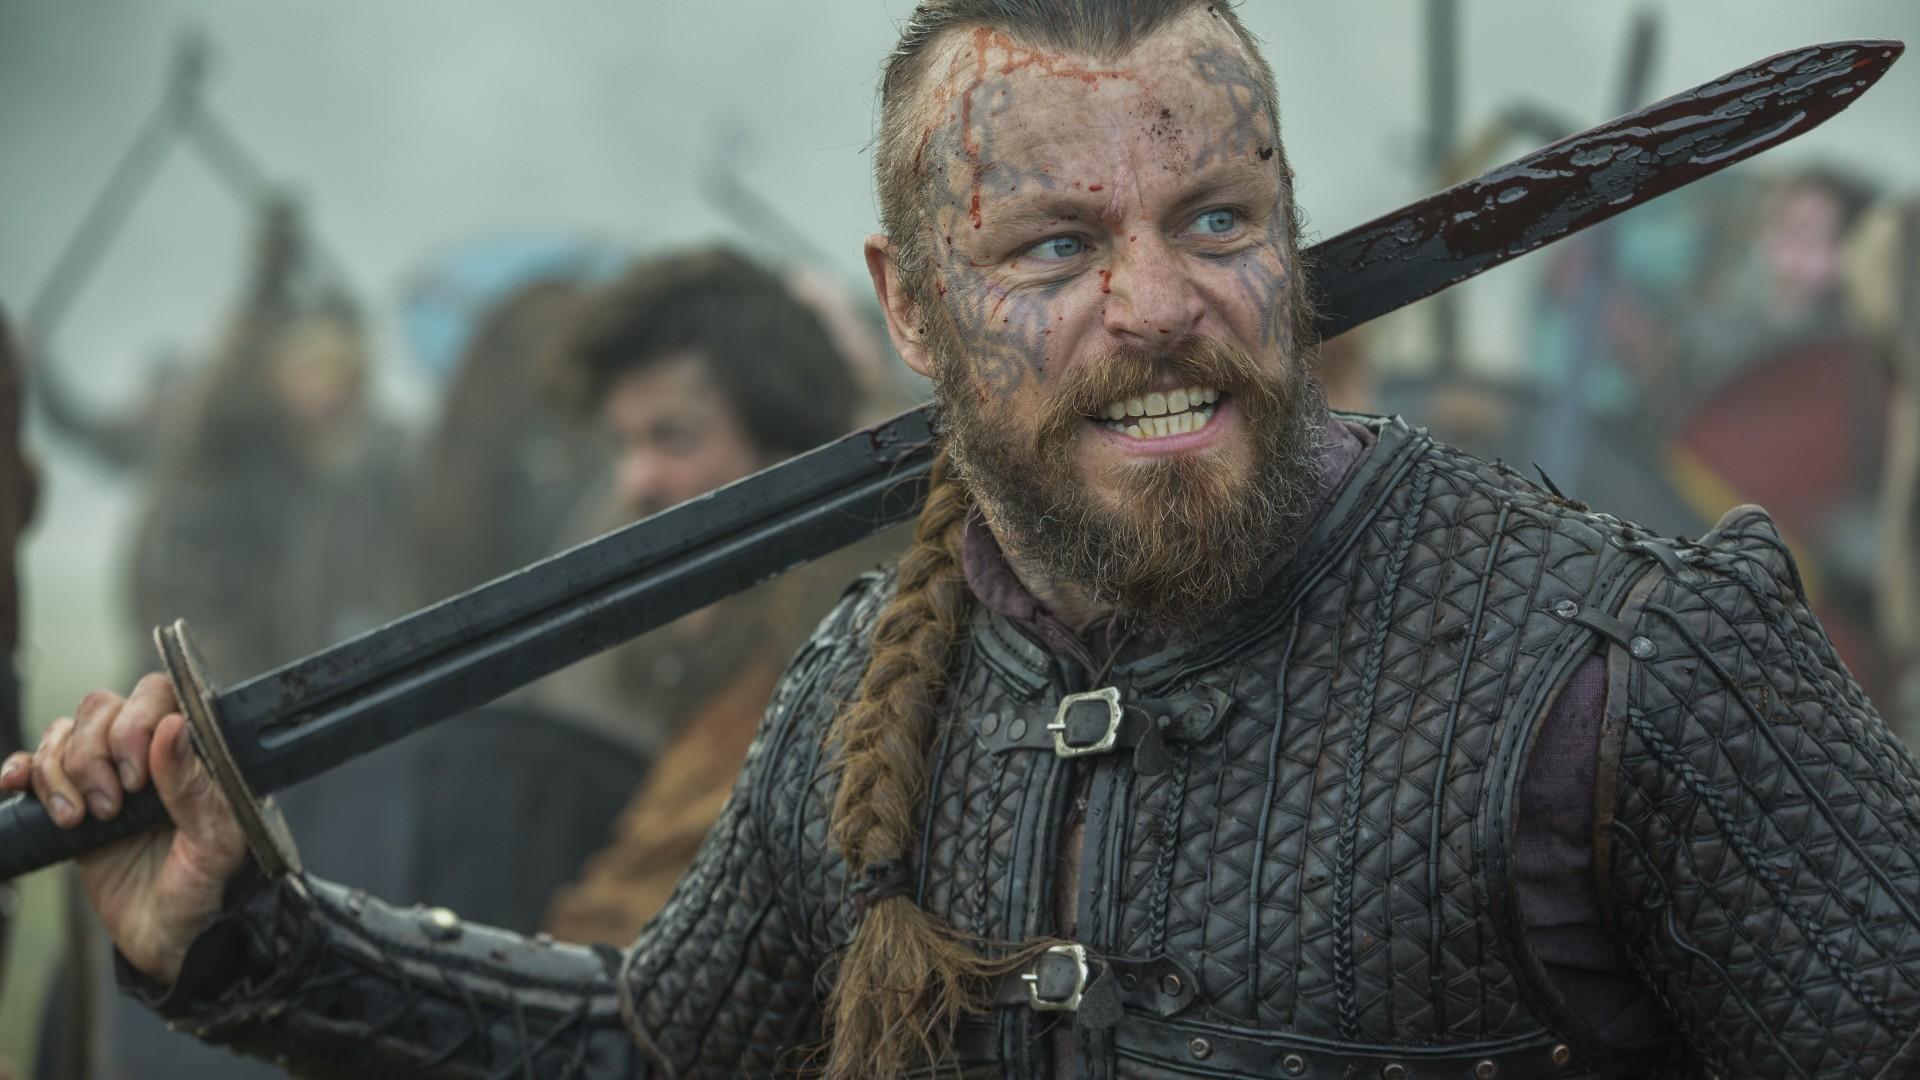 Wallpaper Vikings Season 5 Travis Fimmel Katheryn Winnick 4k 5k Movies 18087